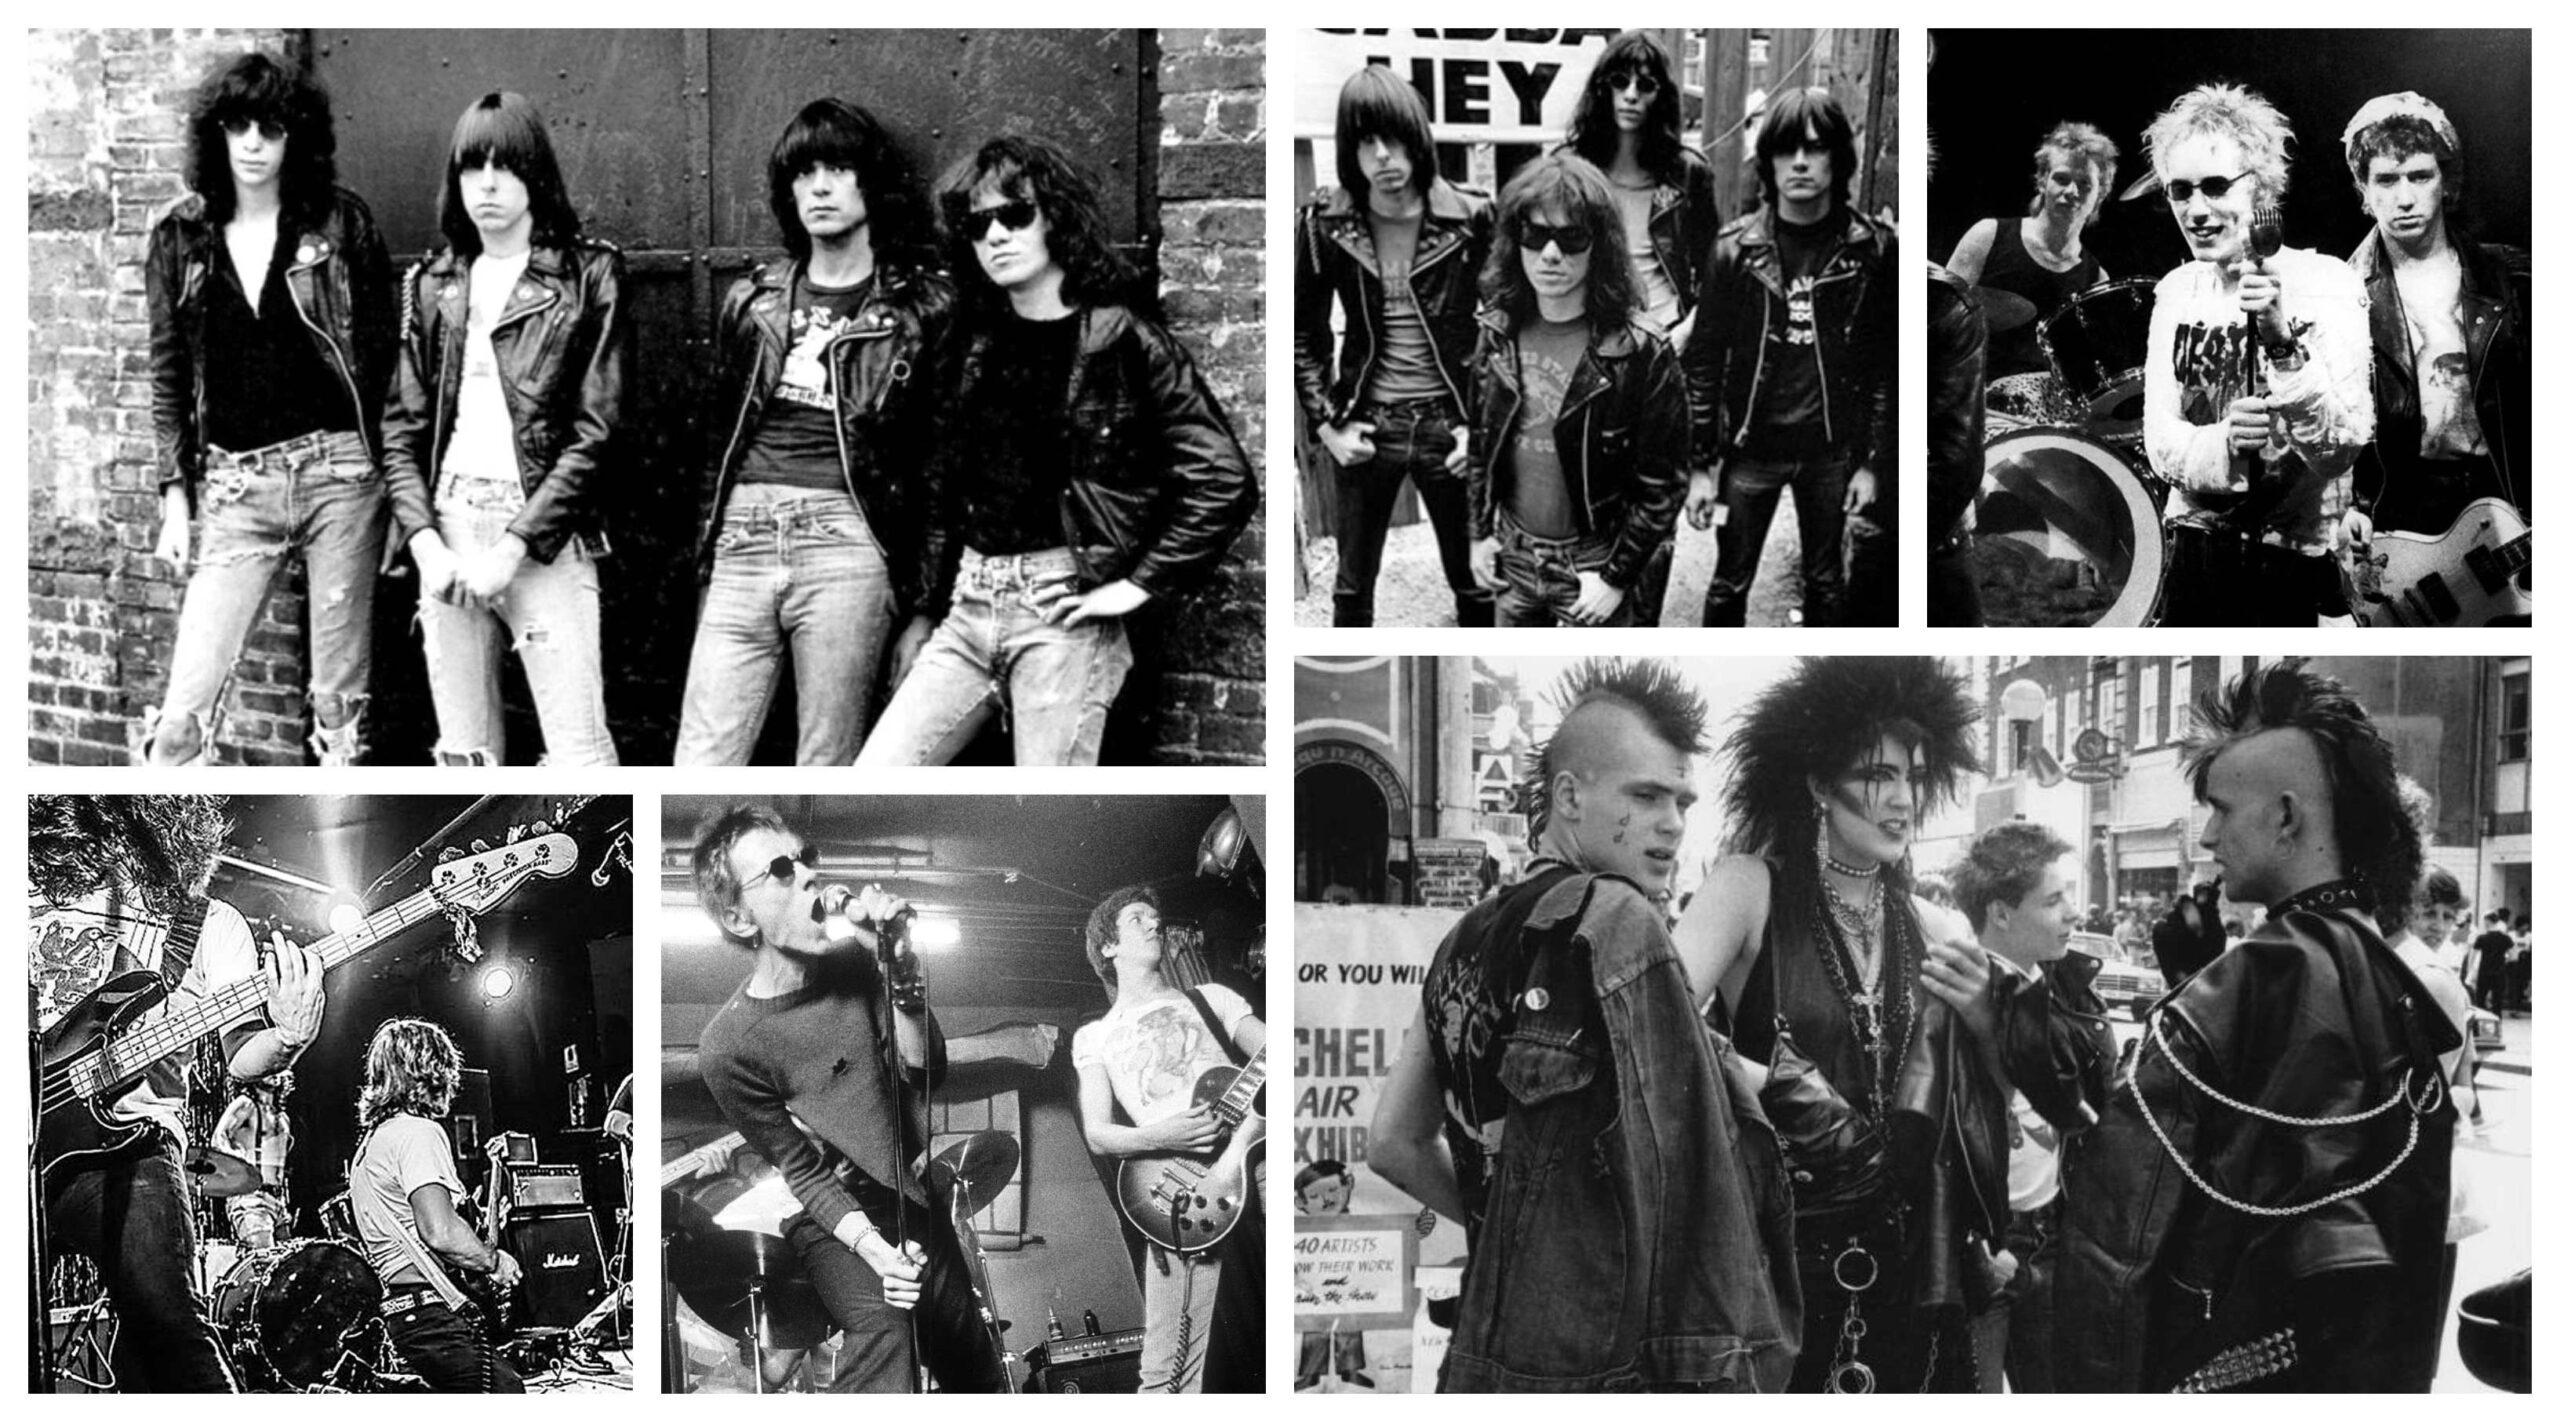 punk rock bandas dos anos 70 tipos e estilos